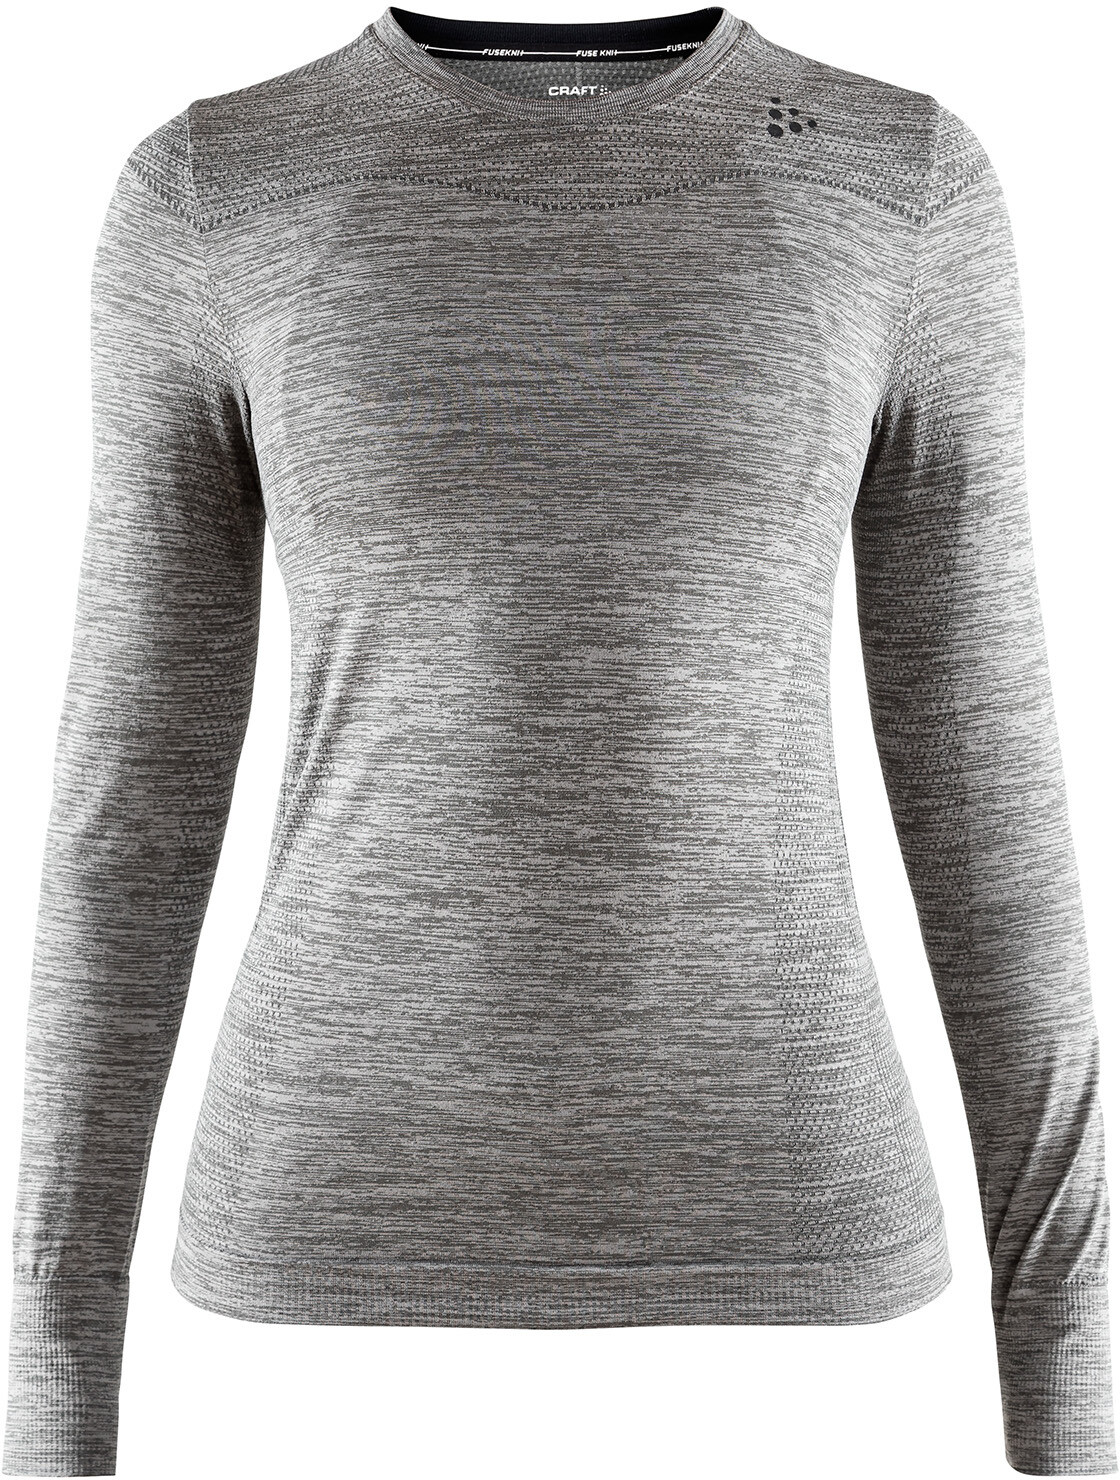 Craft Fuseknit Comfort Langærmet undertrøje Damer, dark grey melange (2019) | Base layers